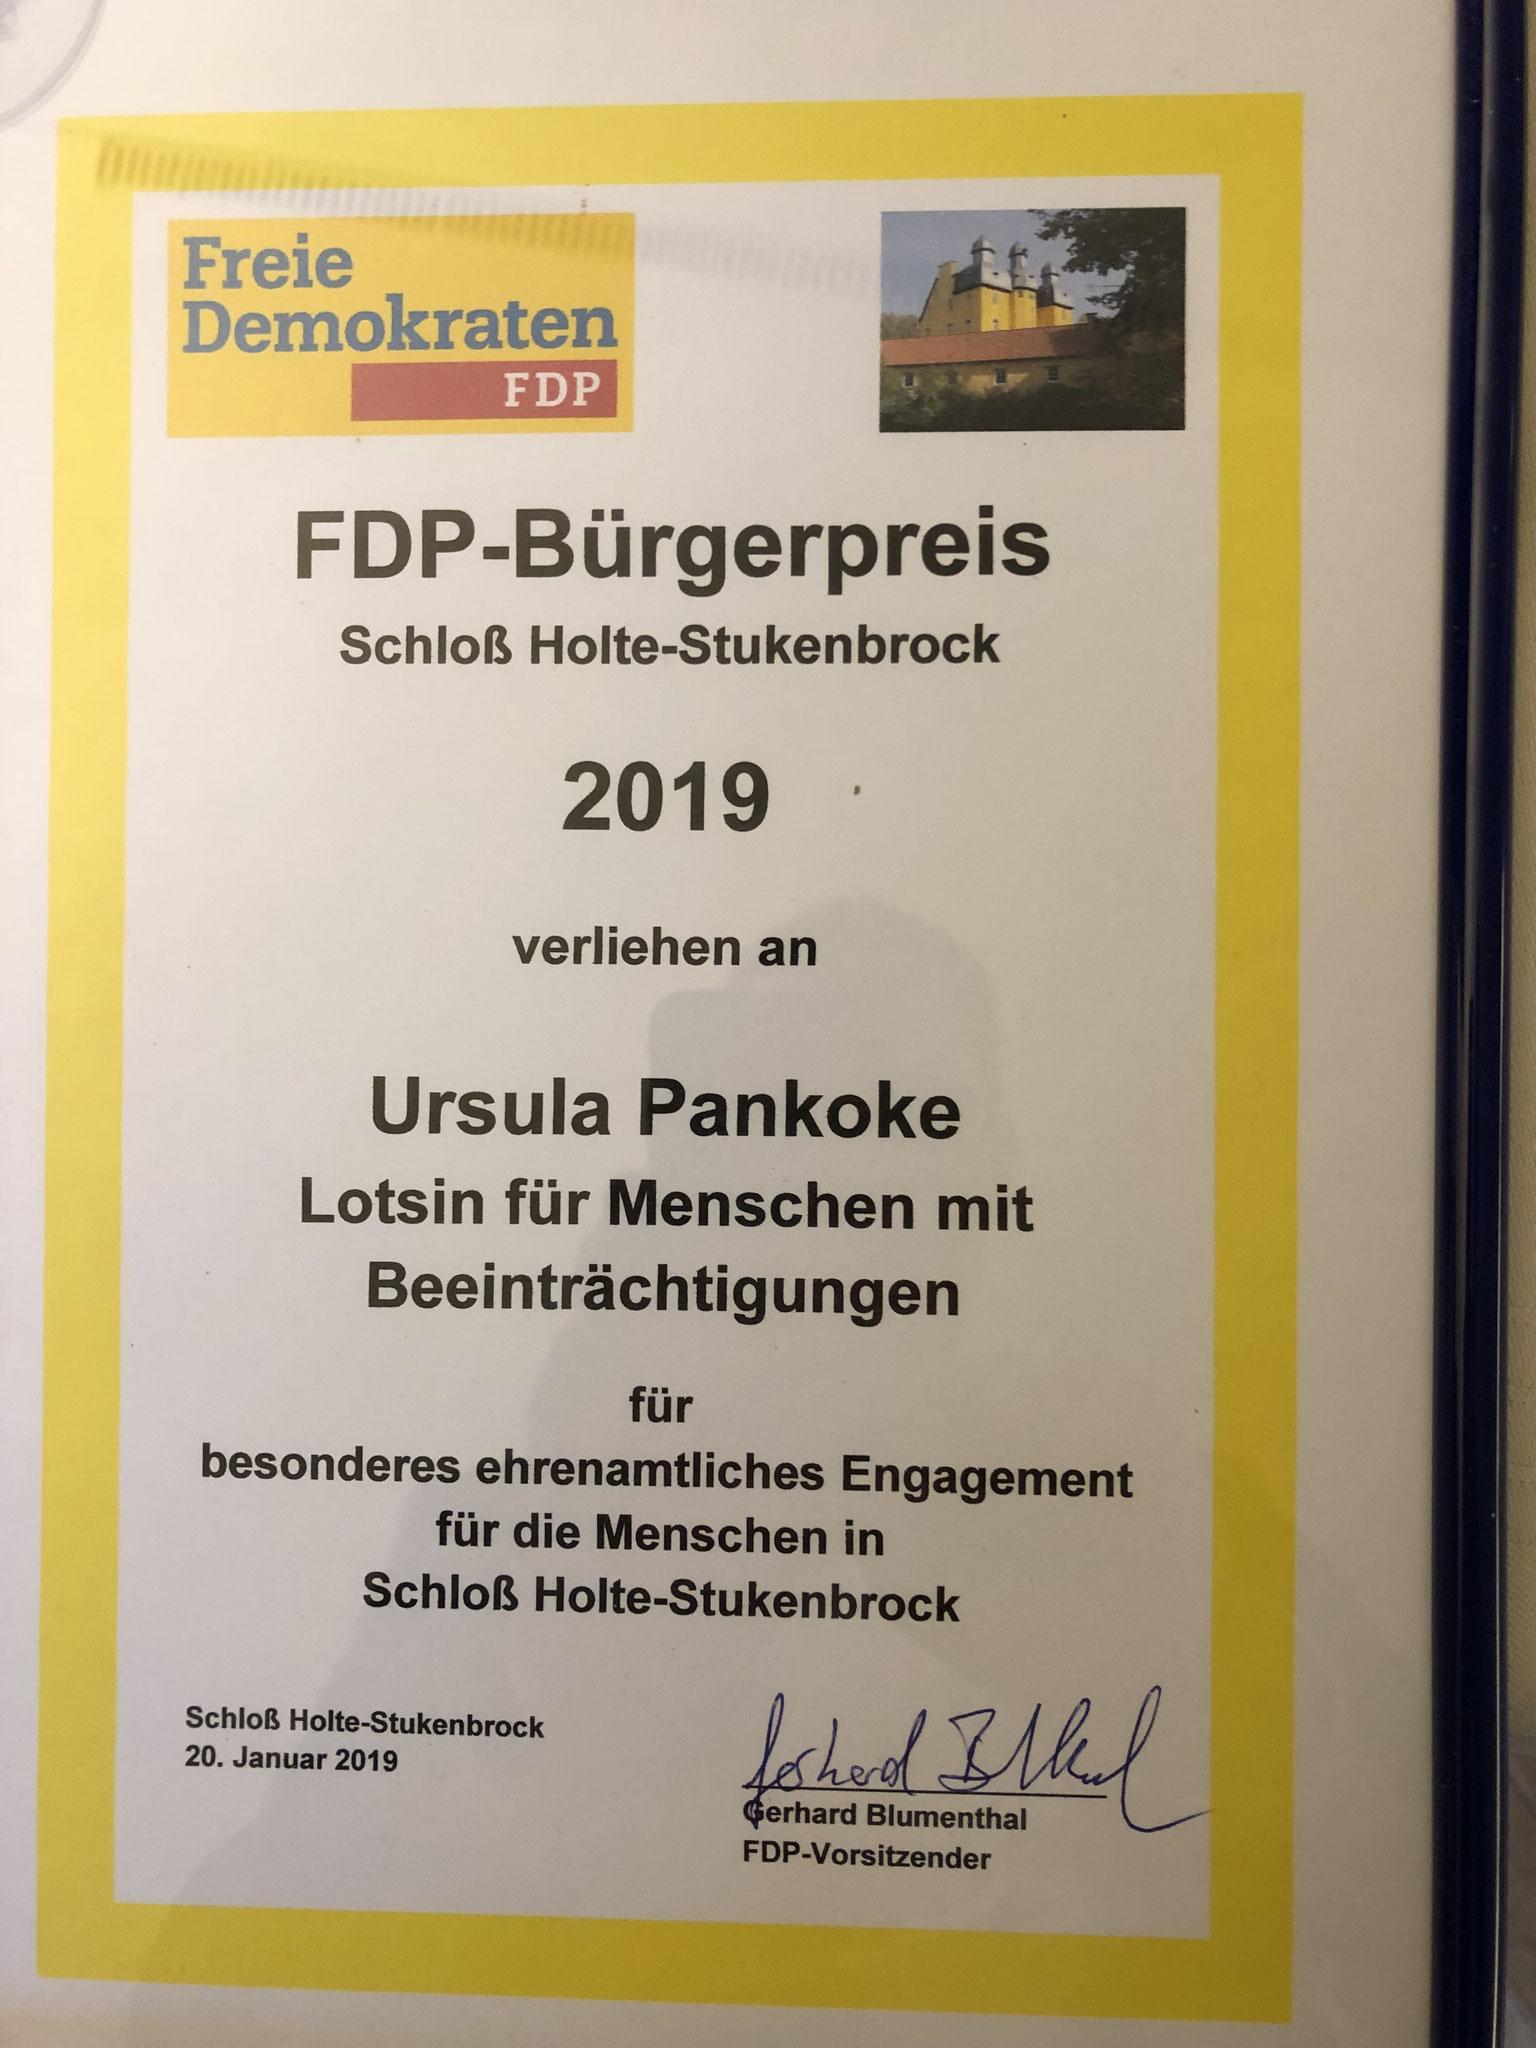 Ursula Pankoke, Lotsin für Menschen mit Beeinträchtigungen